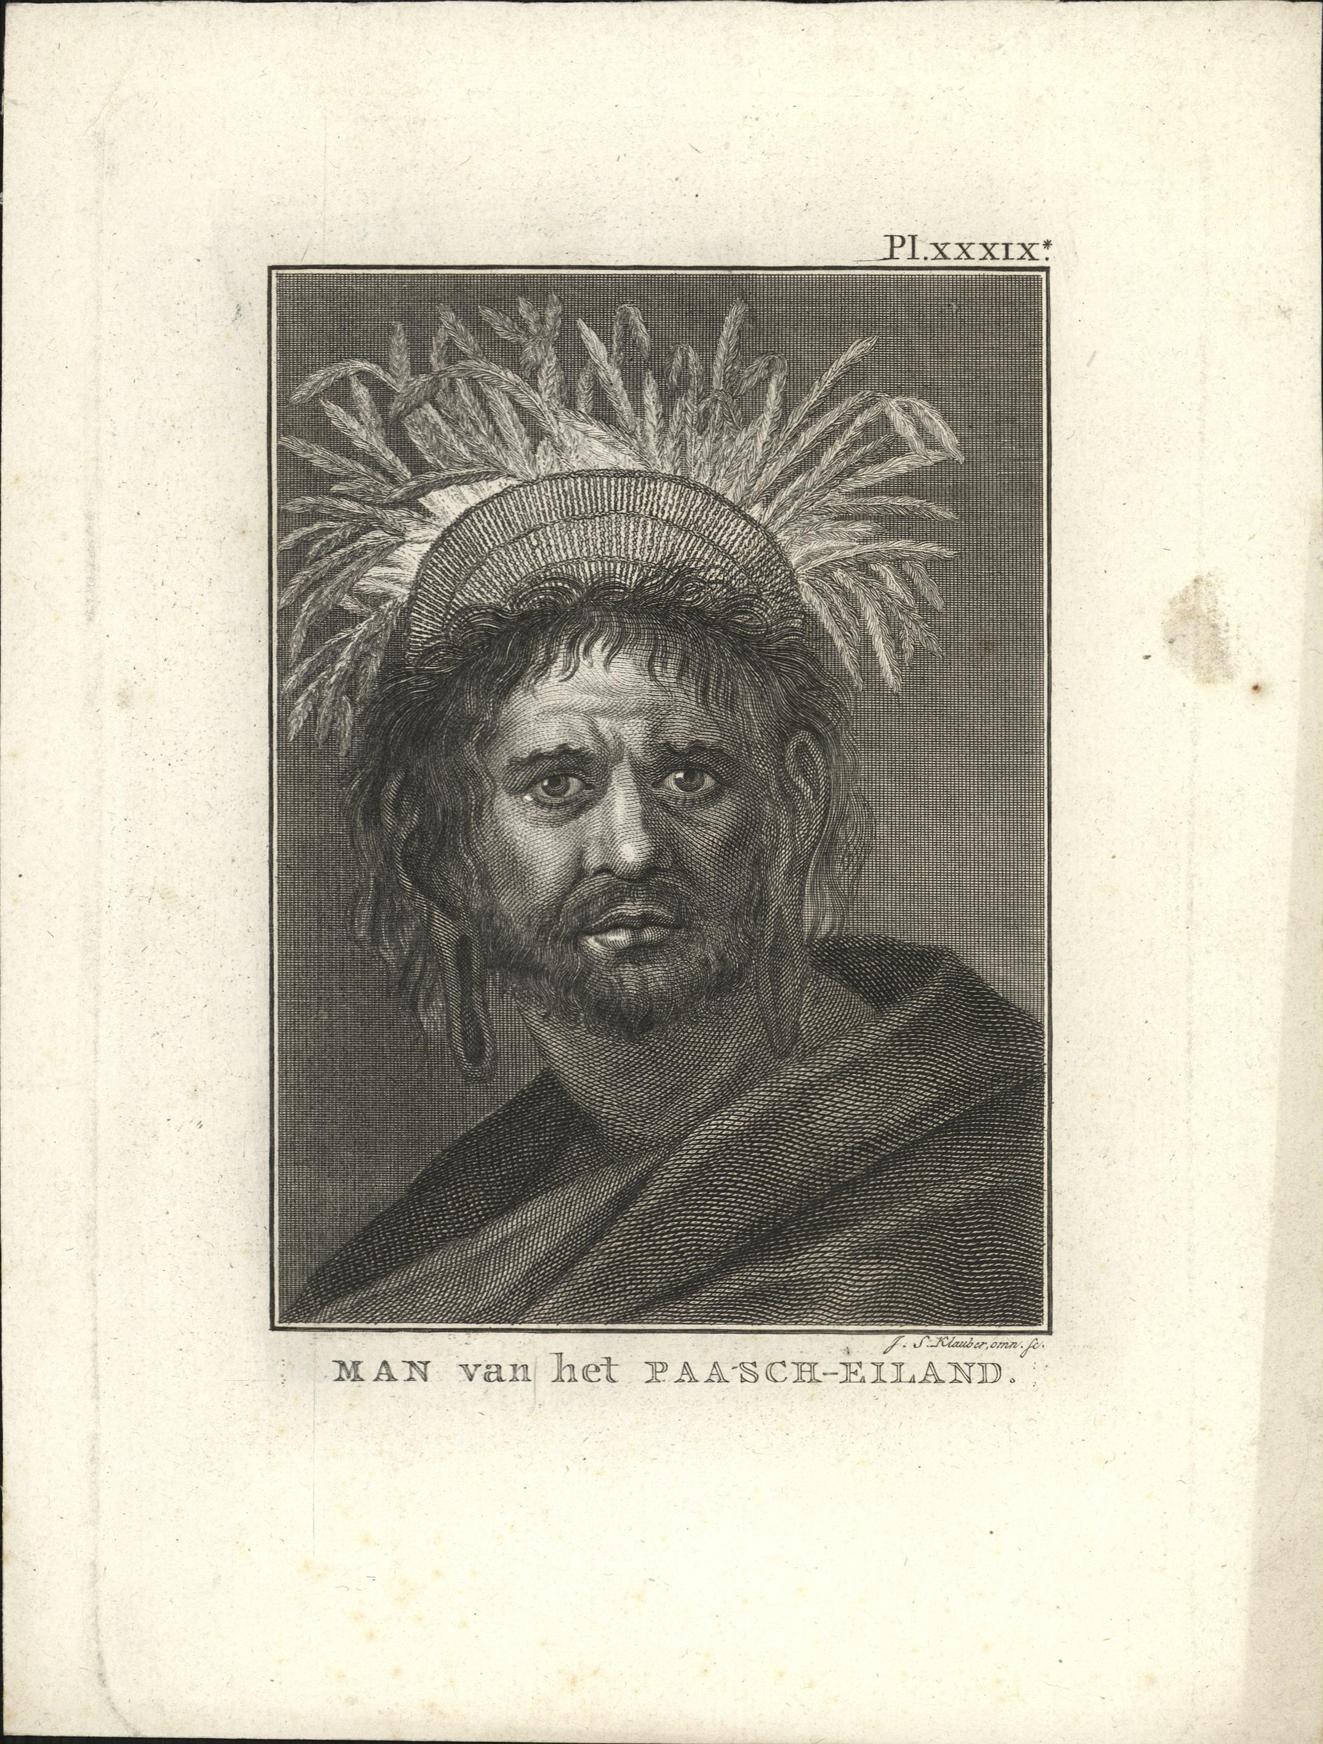 Man van het Paasch-Eiland